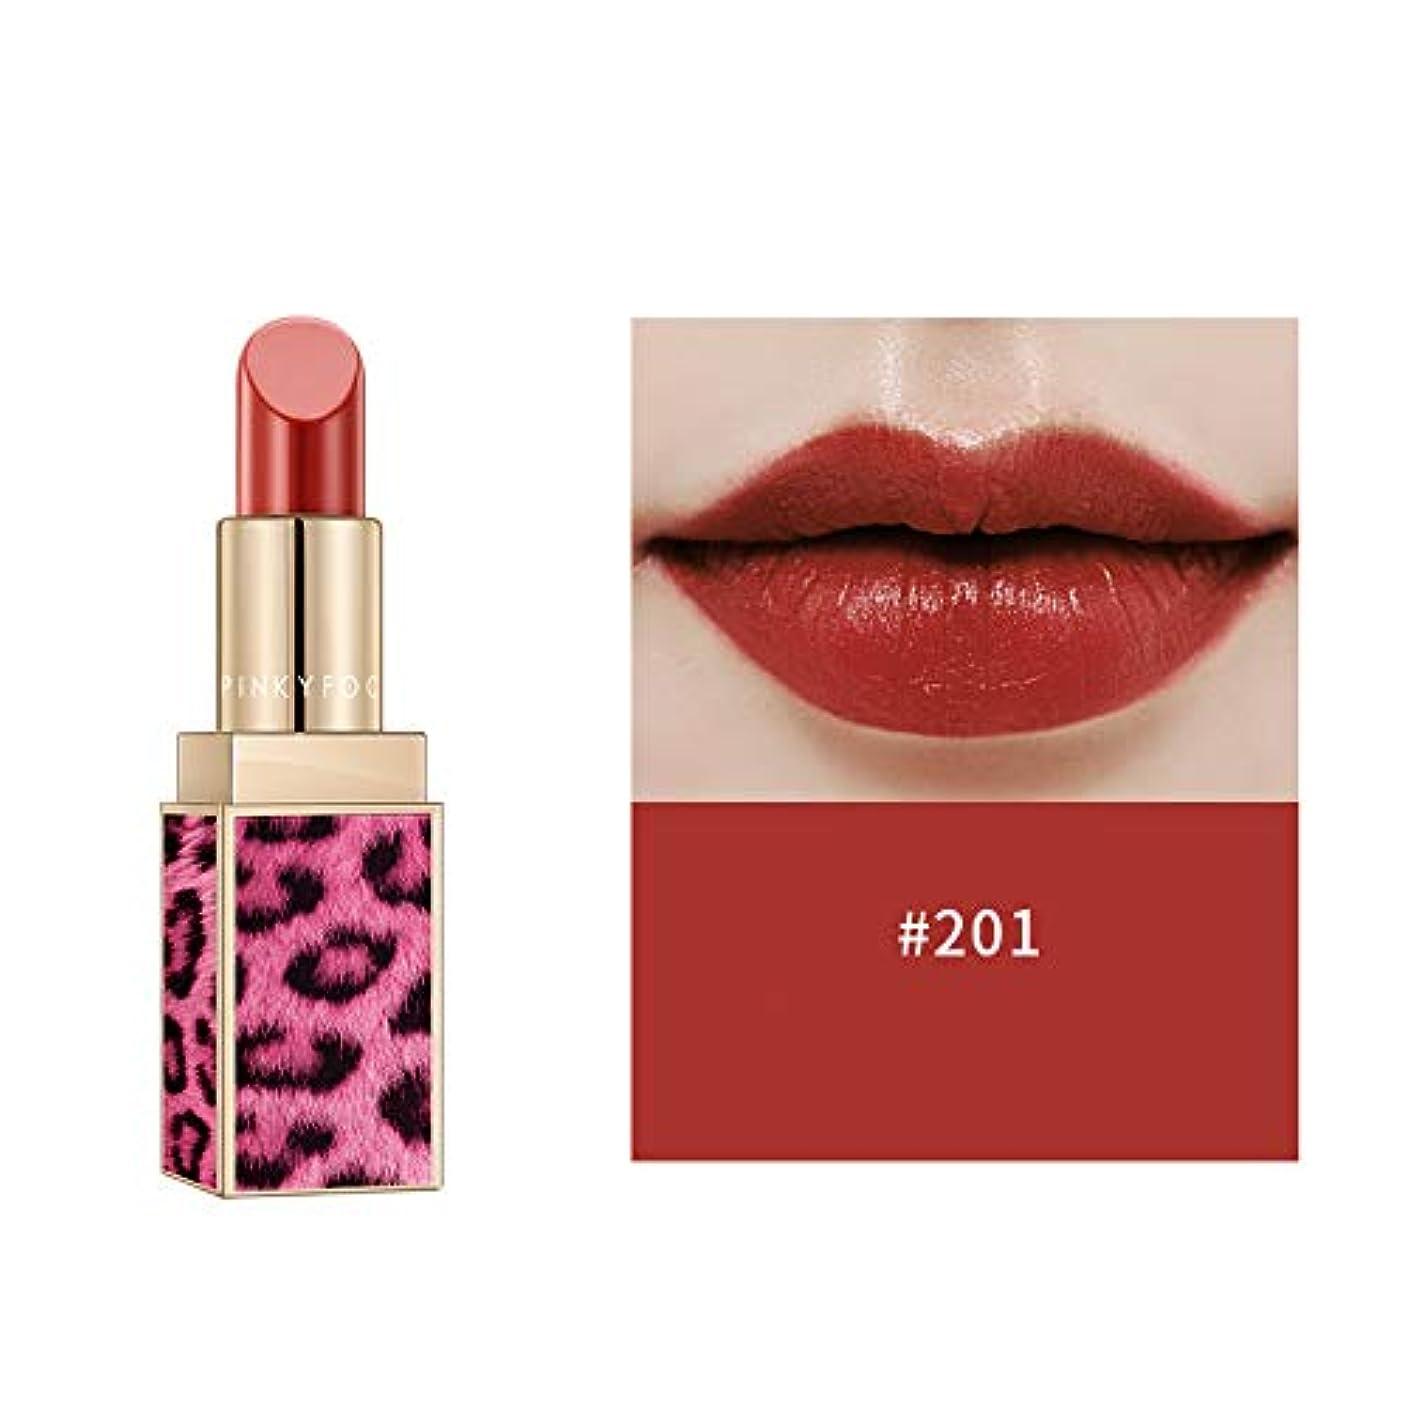 膜王室地理Symboat ピンク ヒョウ ケース 口紅 防水 長持ち リップスティック落ちにくい口紅 化粧品 人気 恋する唇 ランキング